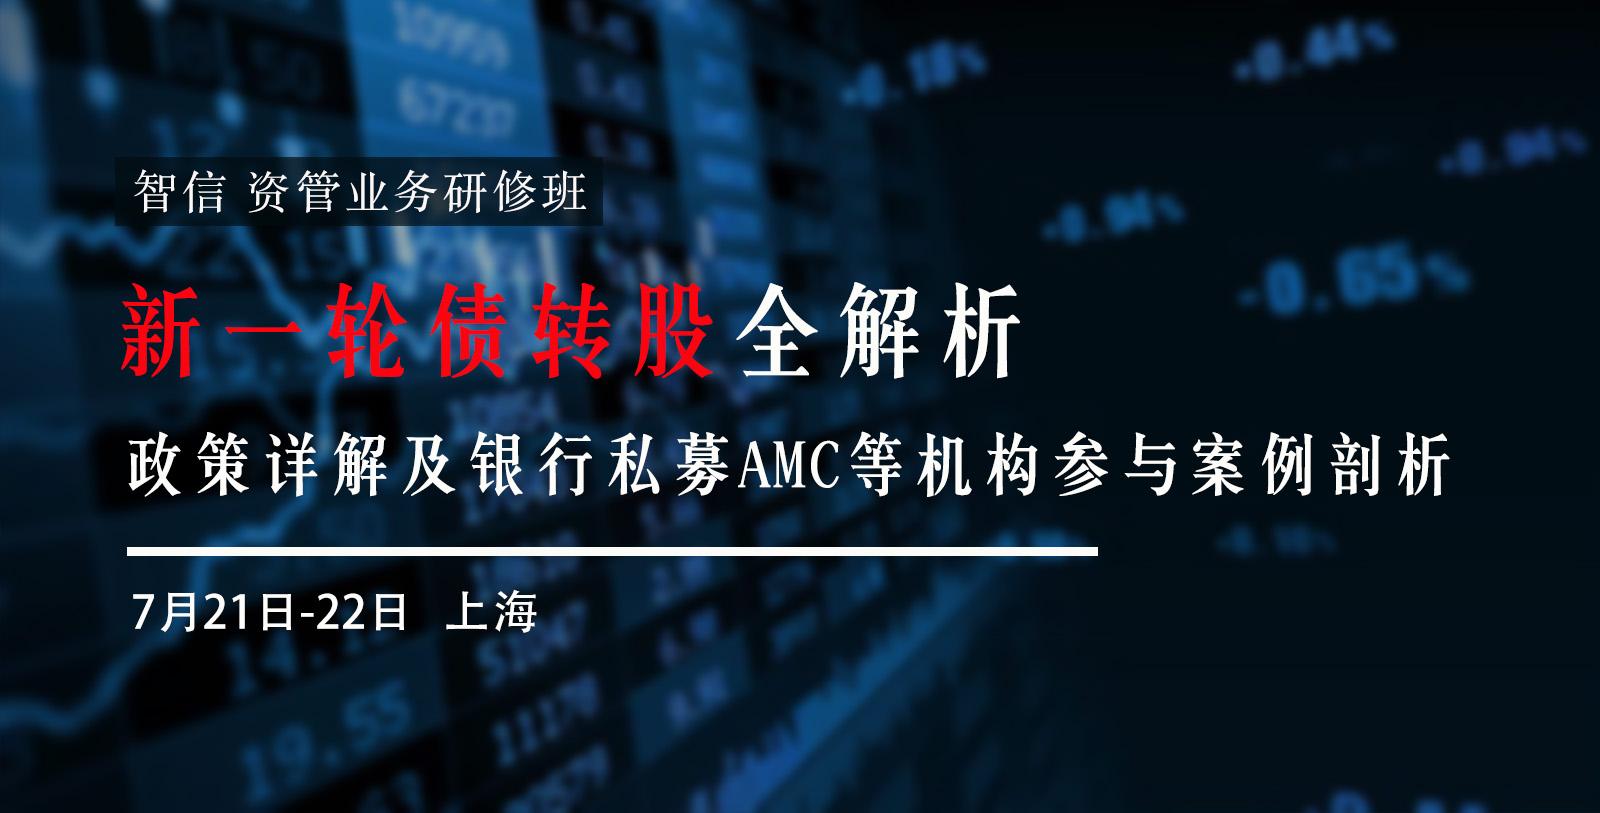 新一轮债转股全解析:政策详解及银行私募AMC等机构参与案例剖析